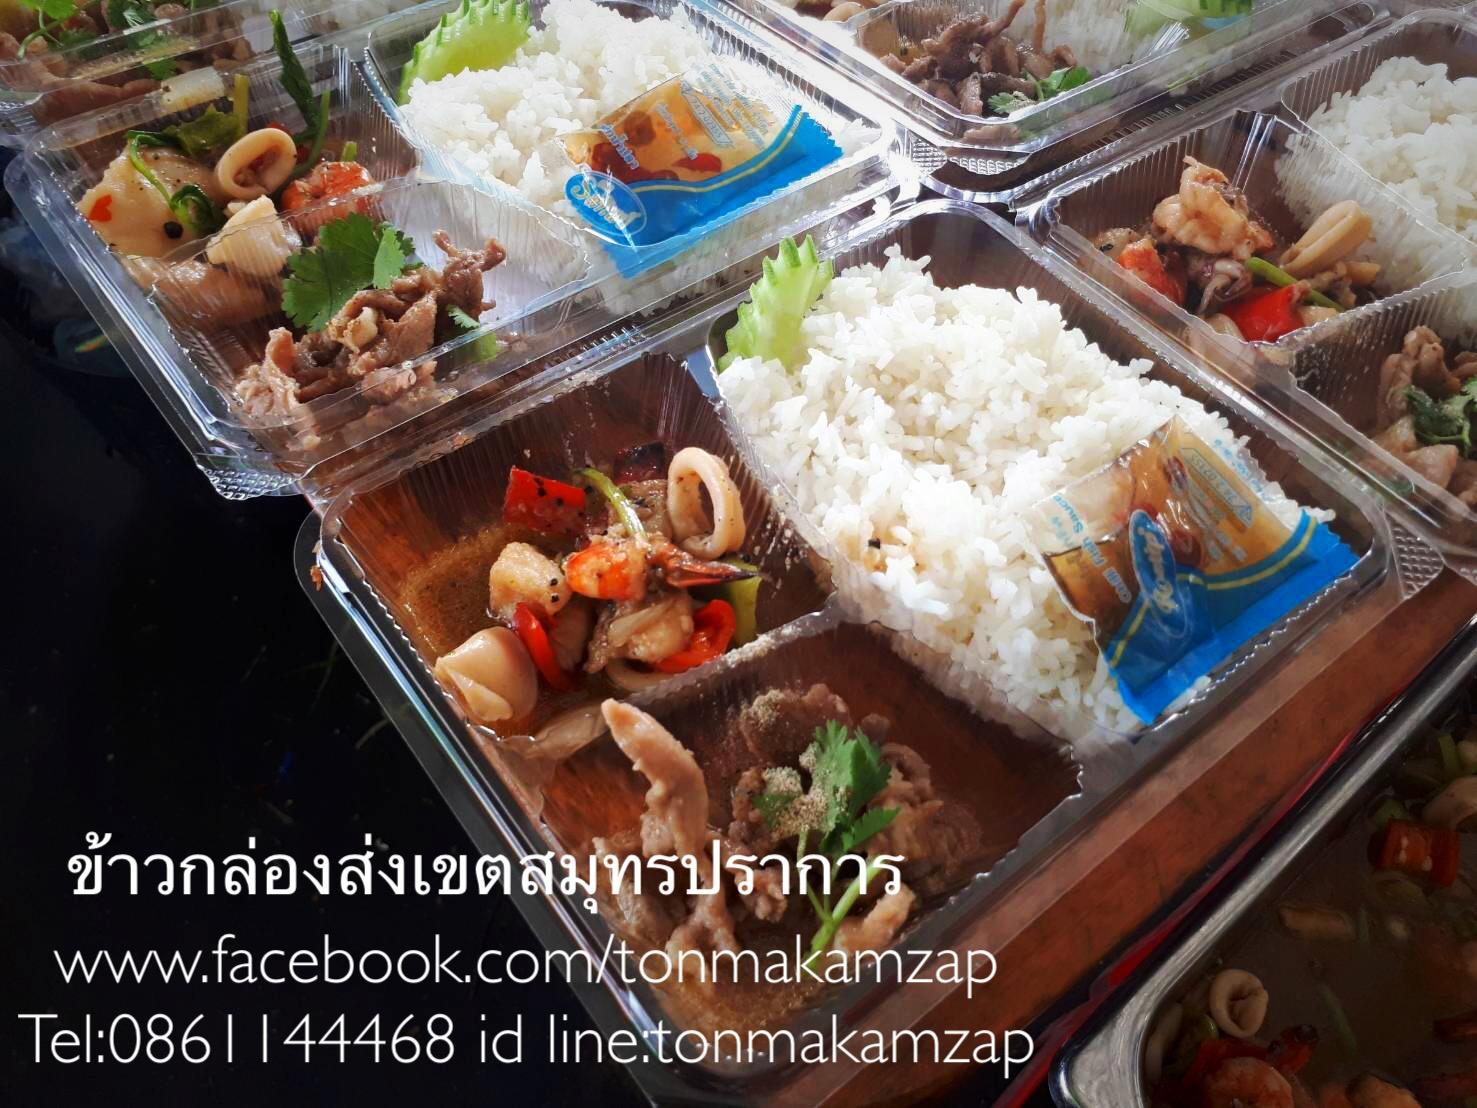 รับทำข้าวกล่อง ส่งเขตสมุทรปราการ